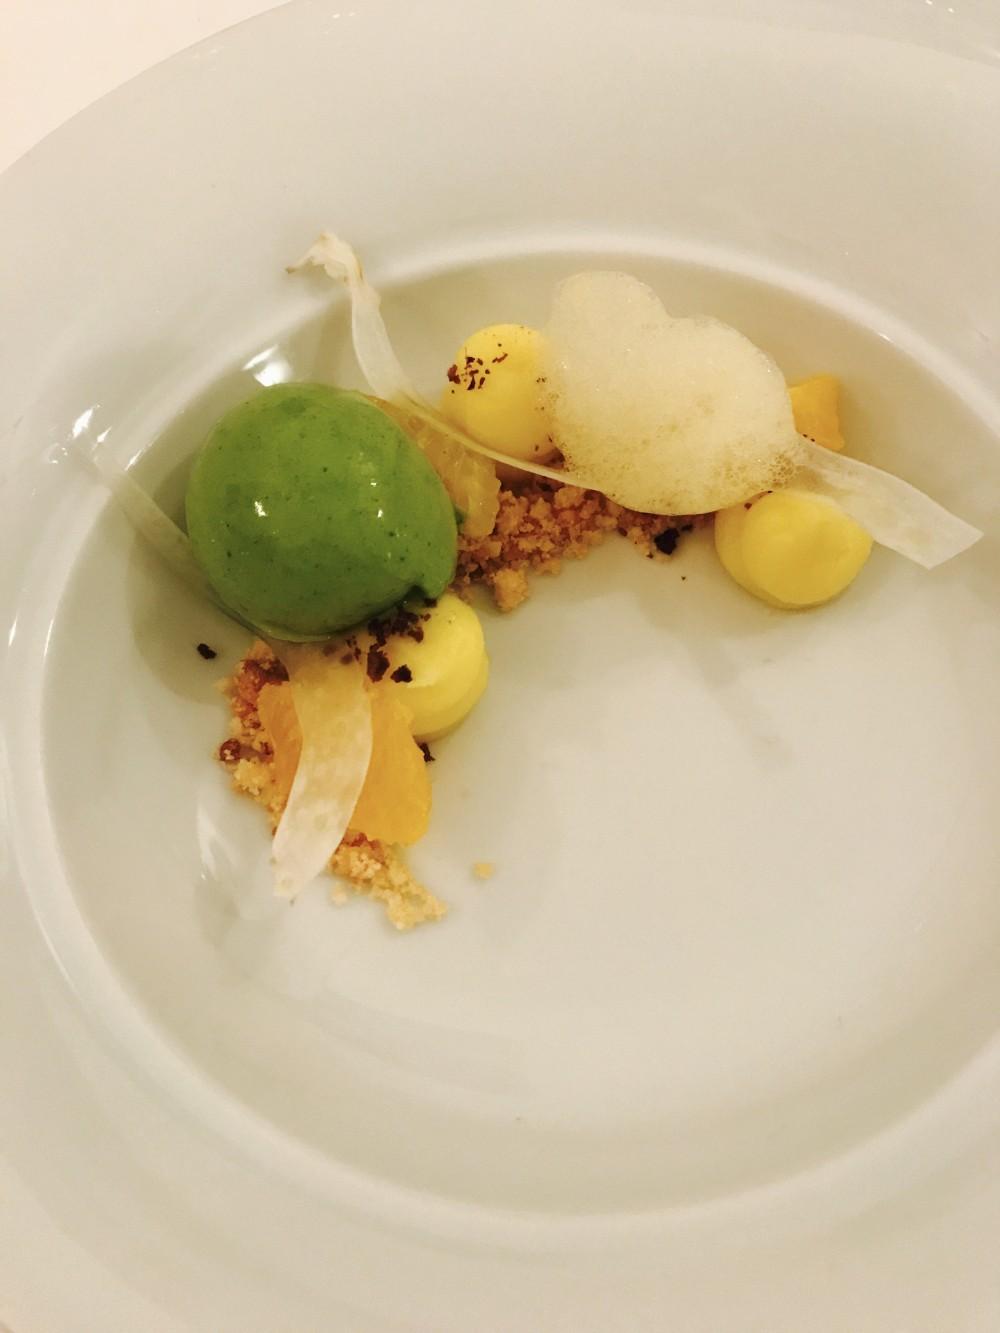 WinChef, Quasi insalata romana... arancio, finocchio, olive... cioccolato bianco